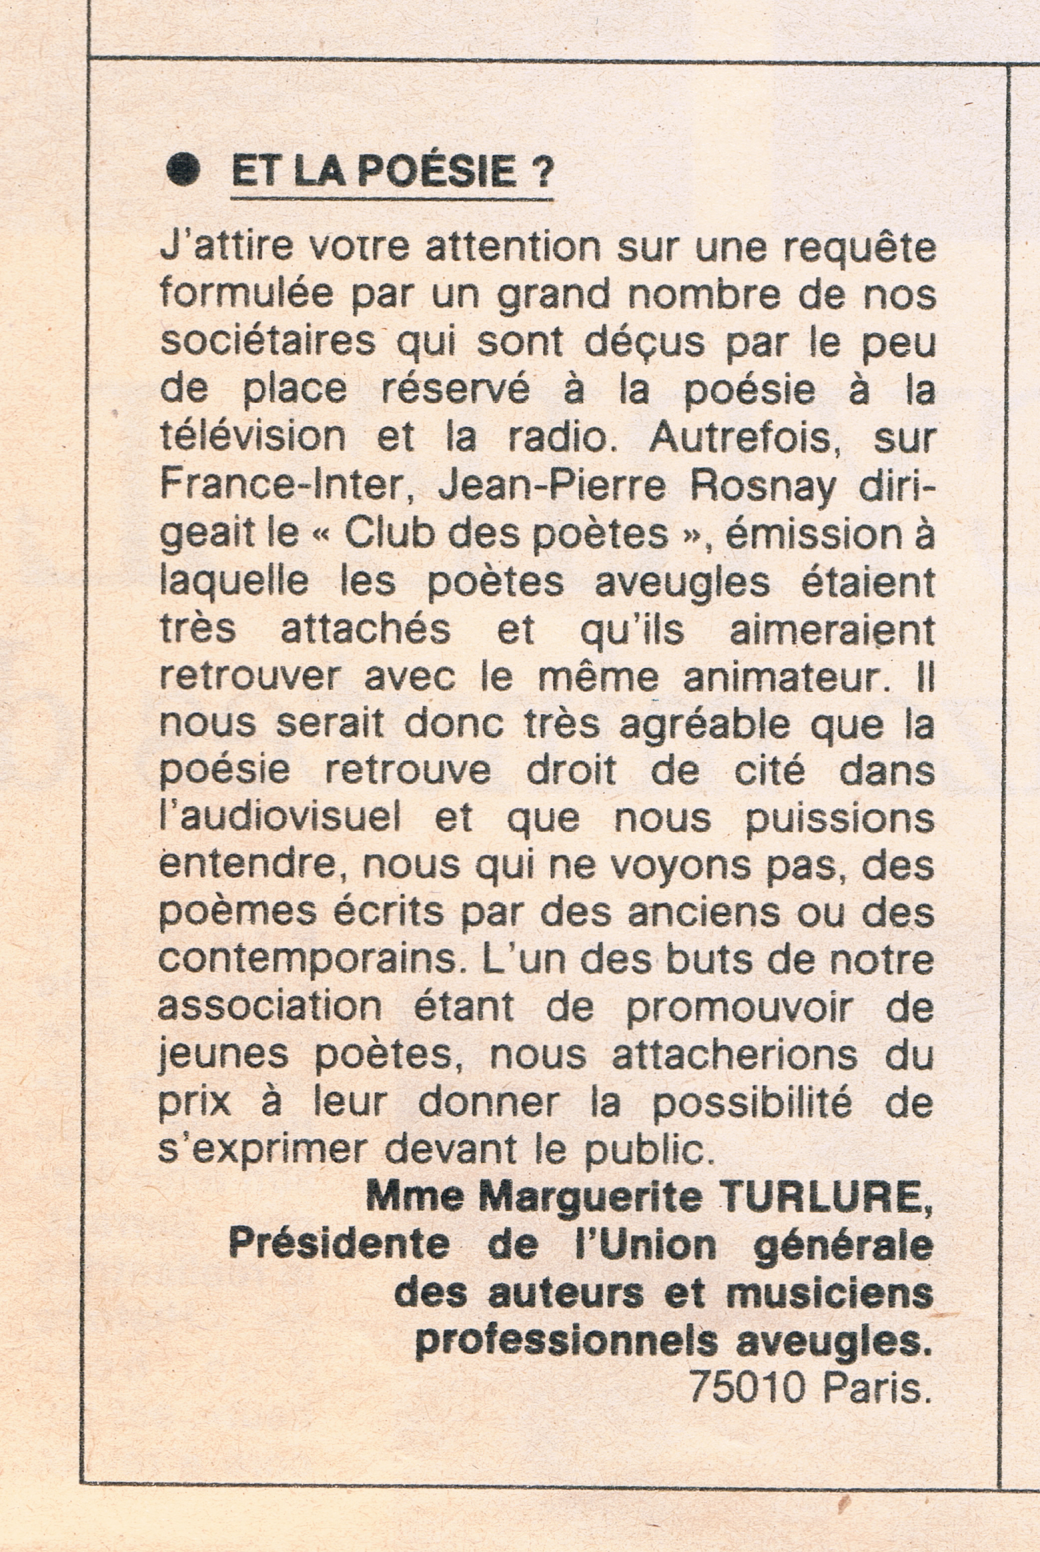 lettres des téléspectateurs(Mme Turlure)